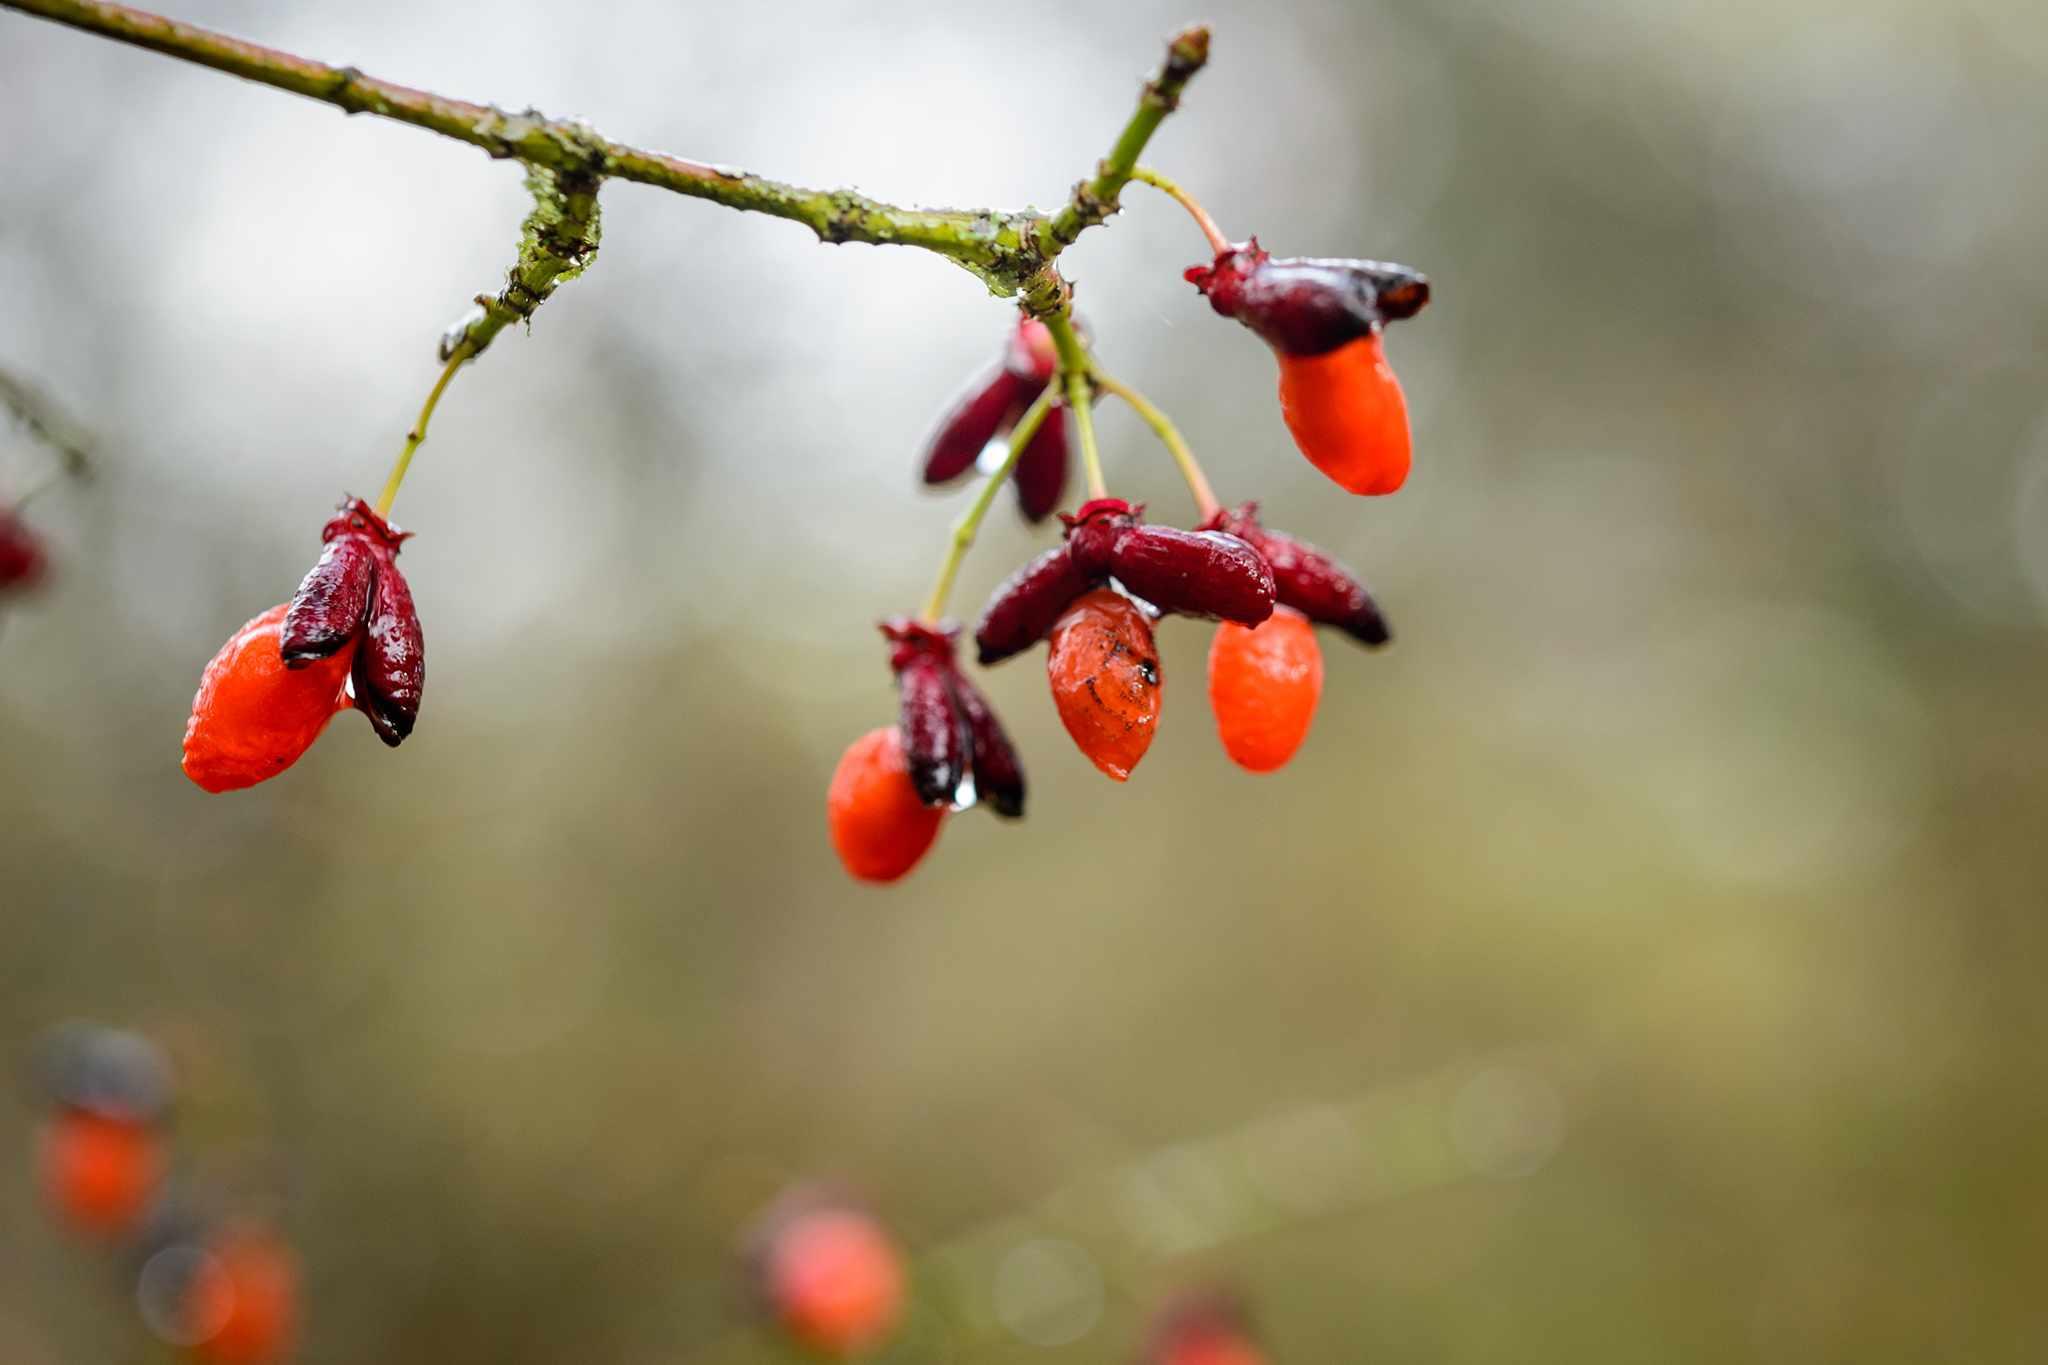 Euonymus alatus var. apterus